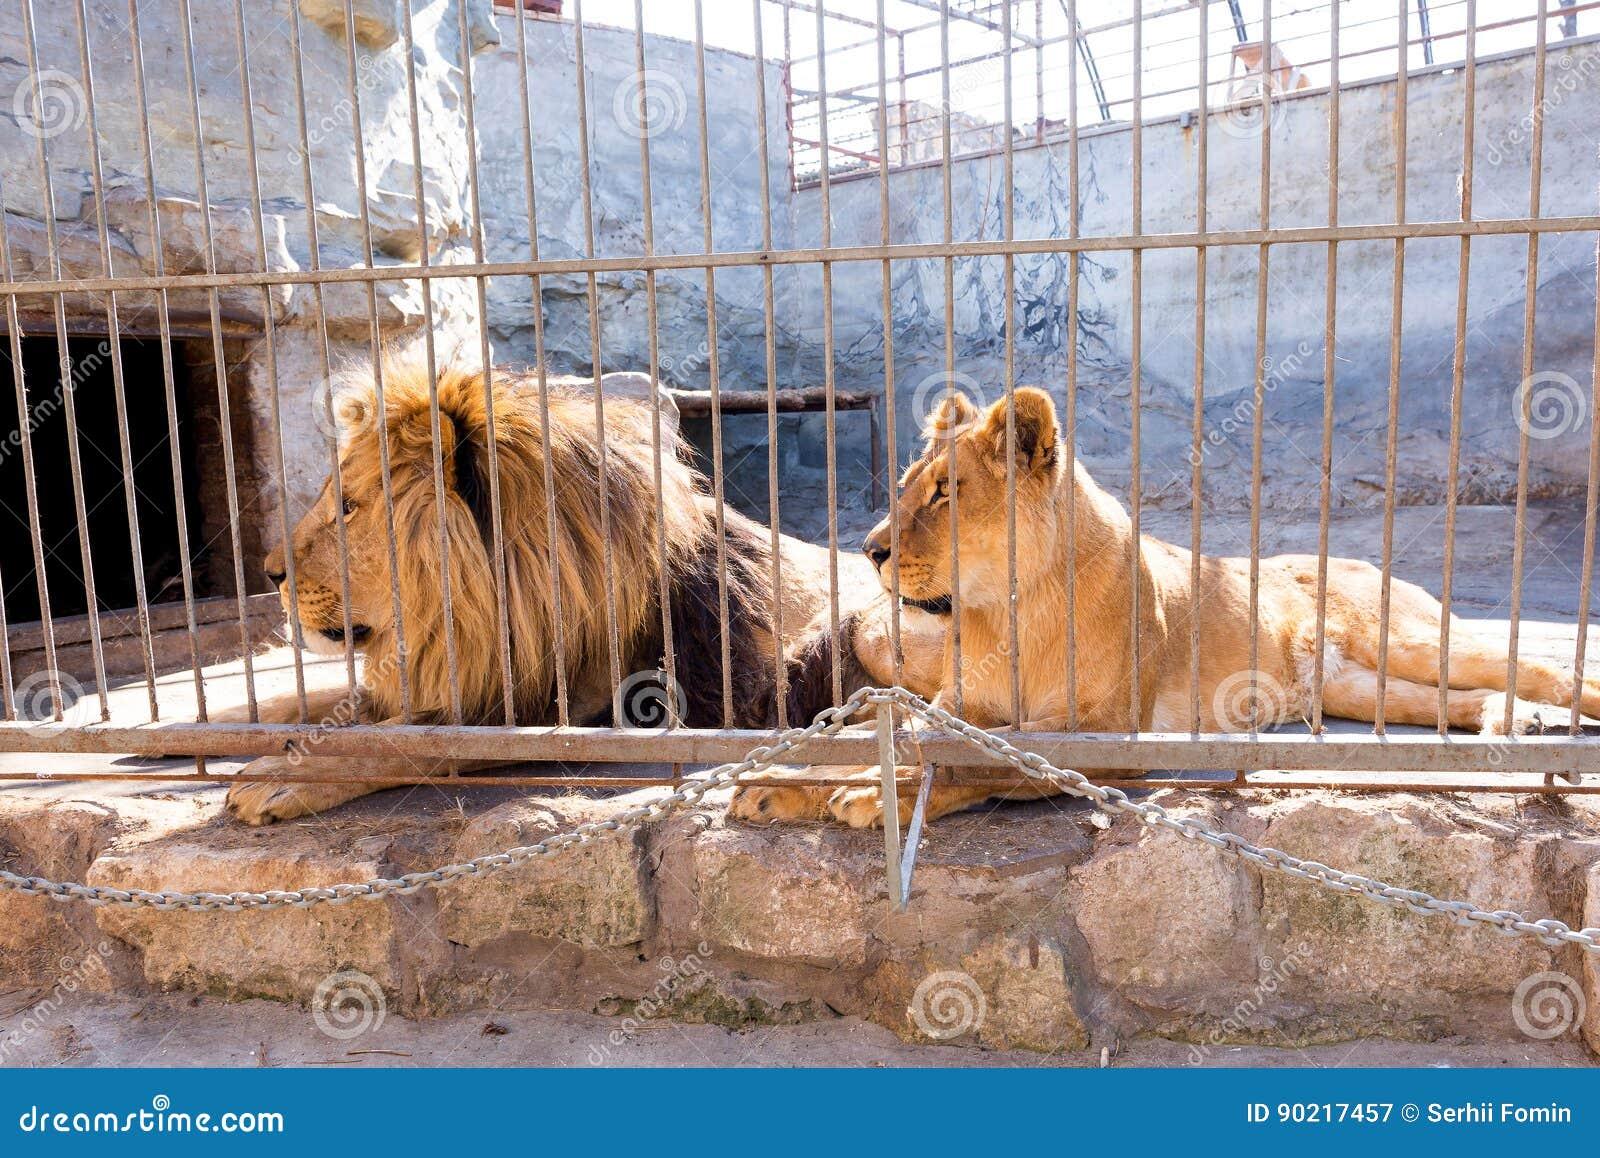 一个对在囚禁的狮子在一个动物园里关在监牢里 力量和侵略在笼子